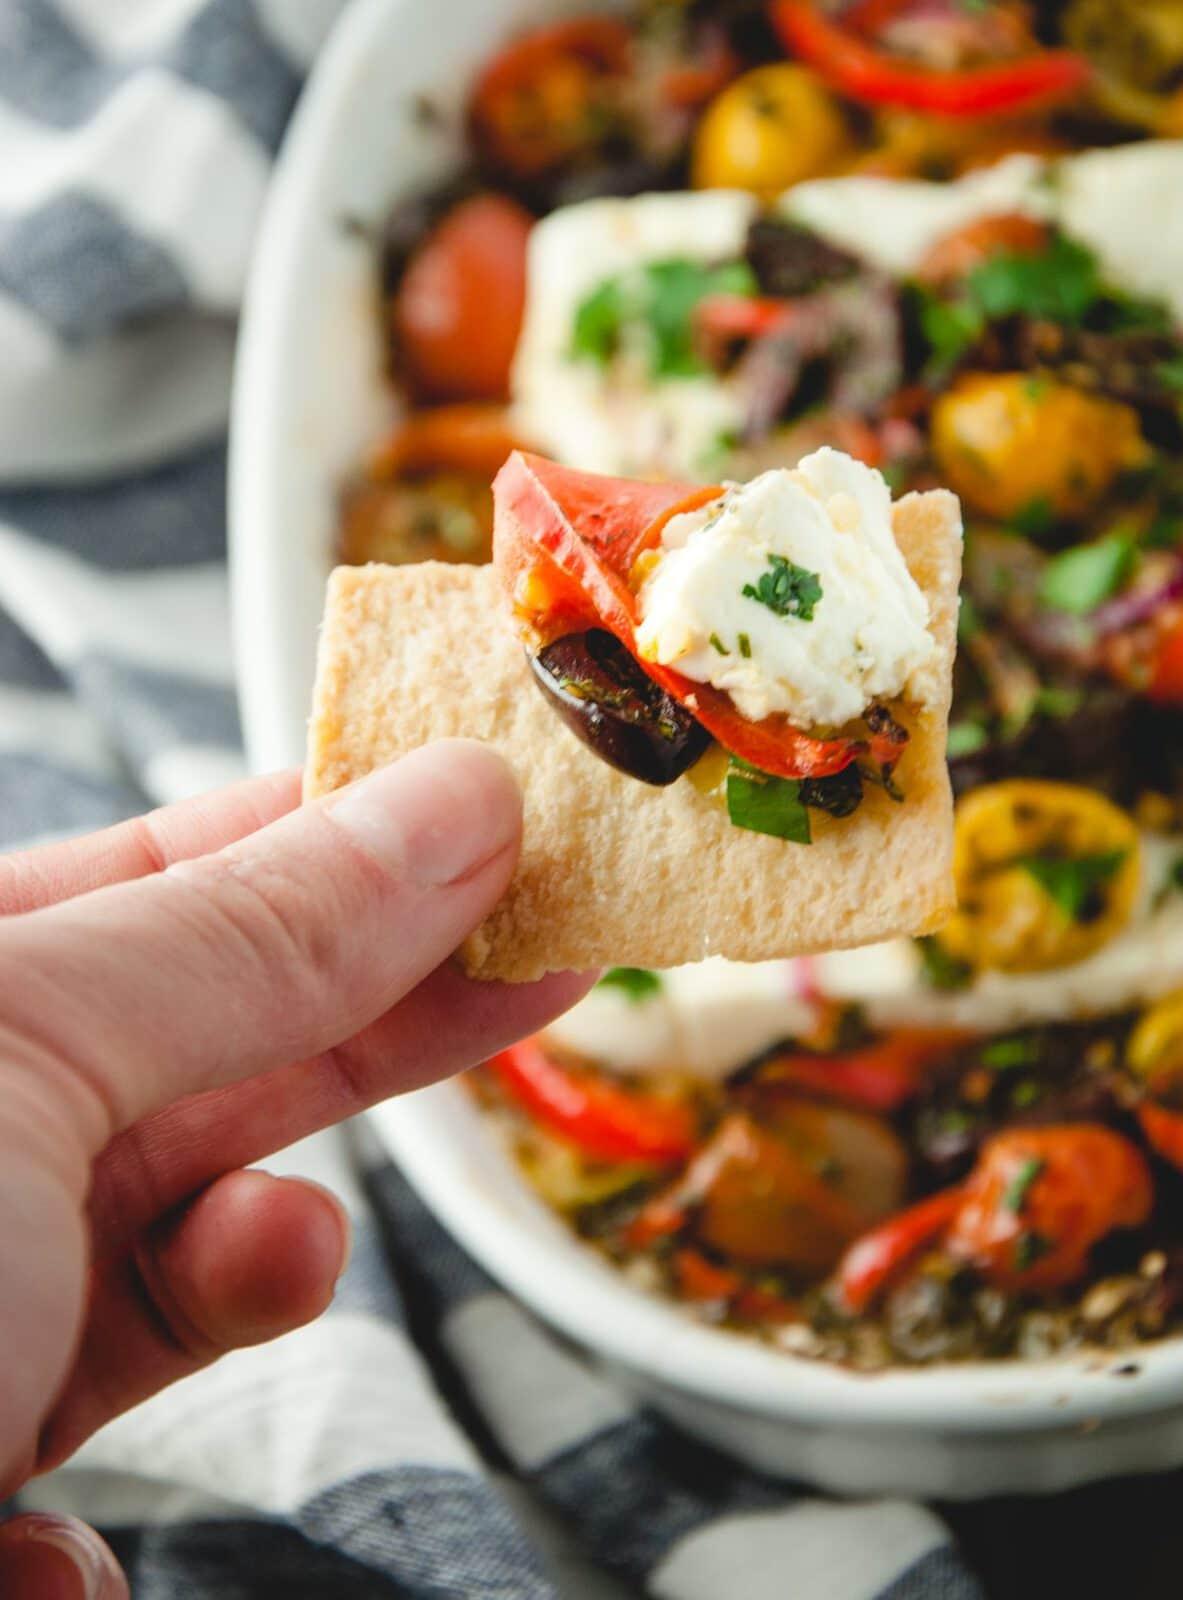 Mediterranean baked feta on a cracker